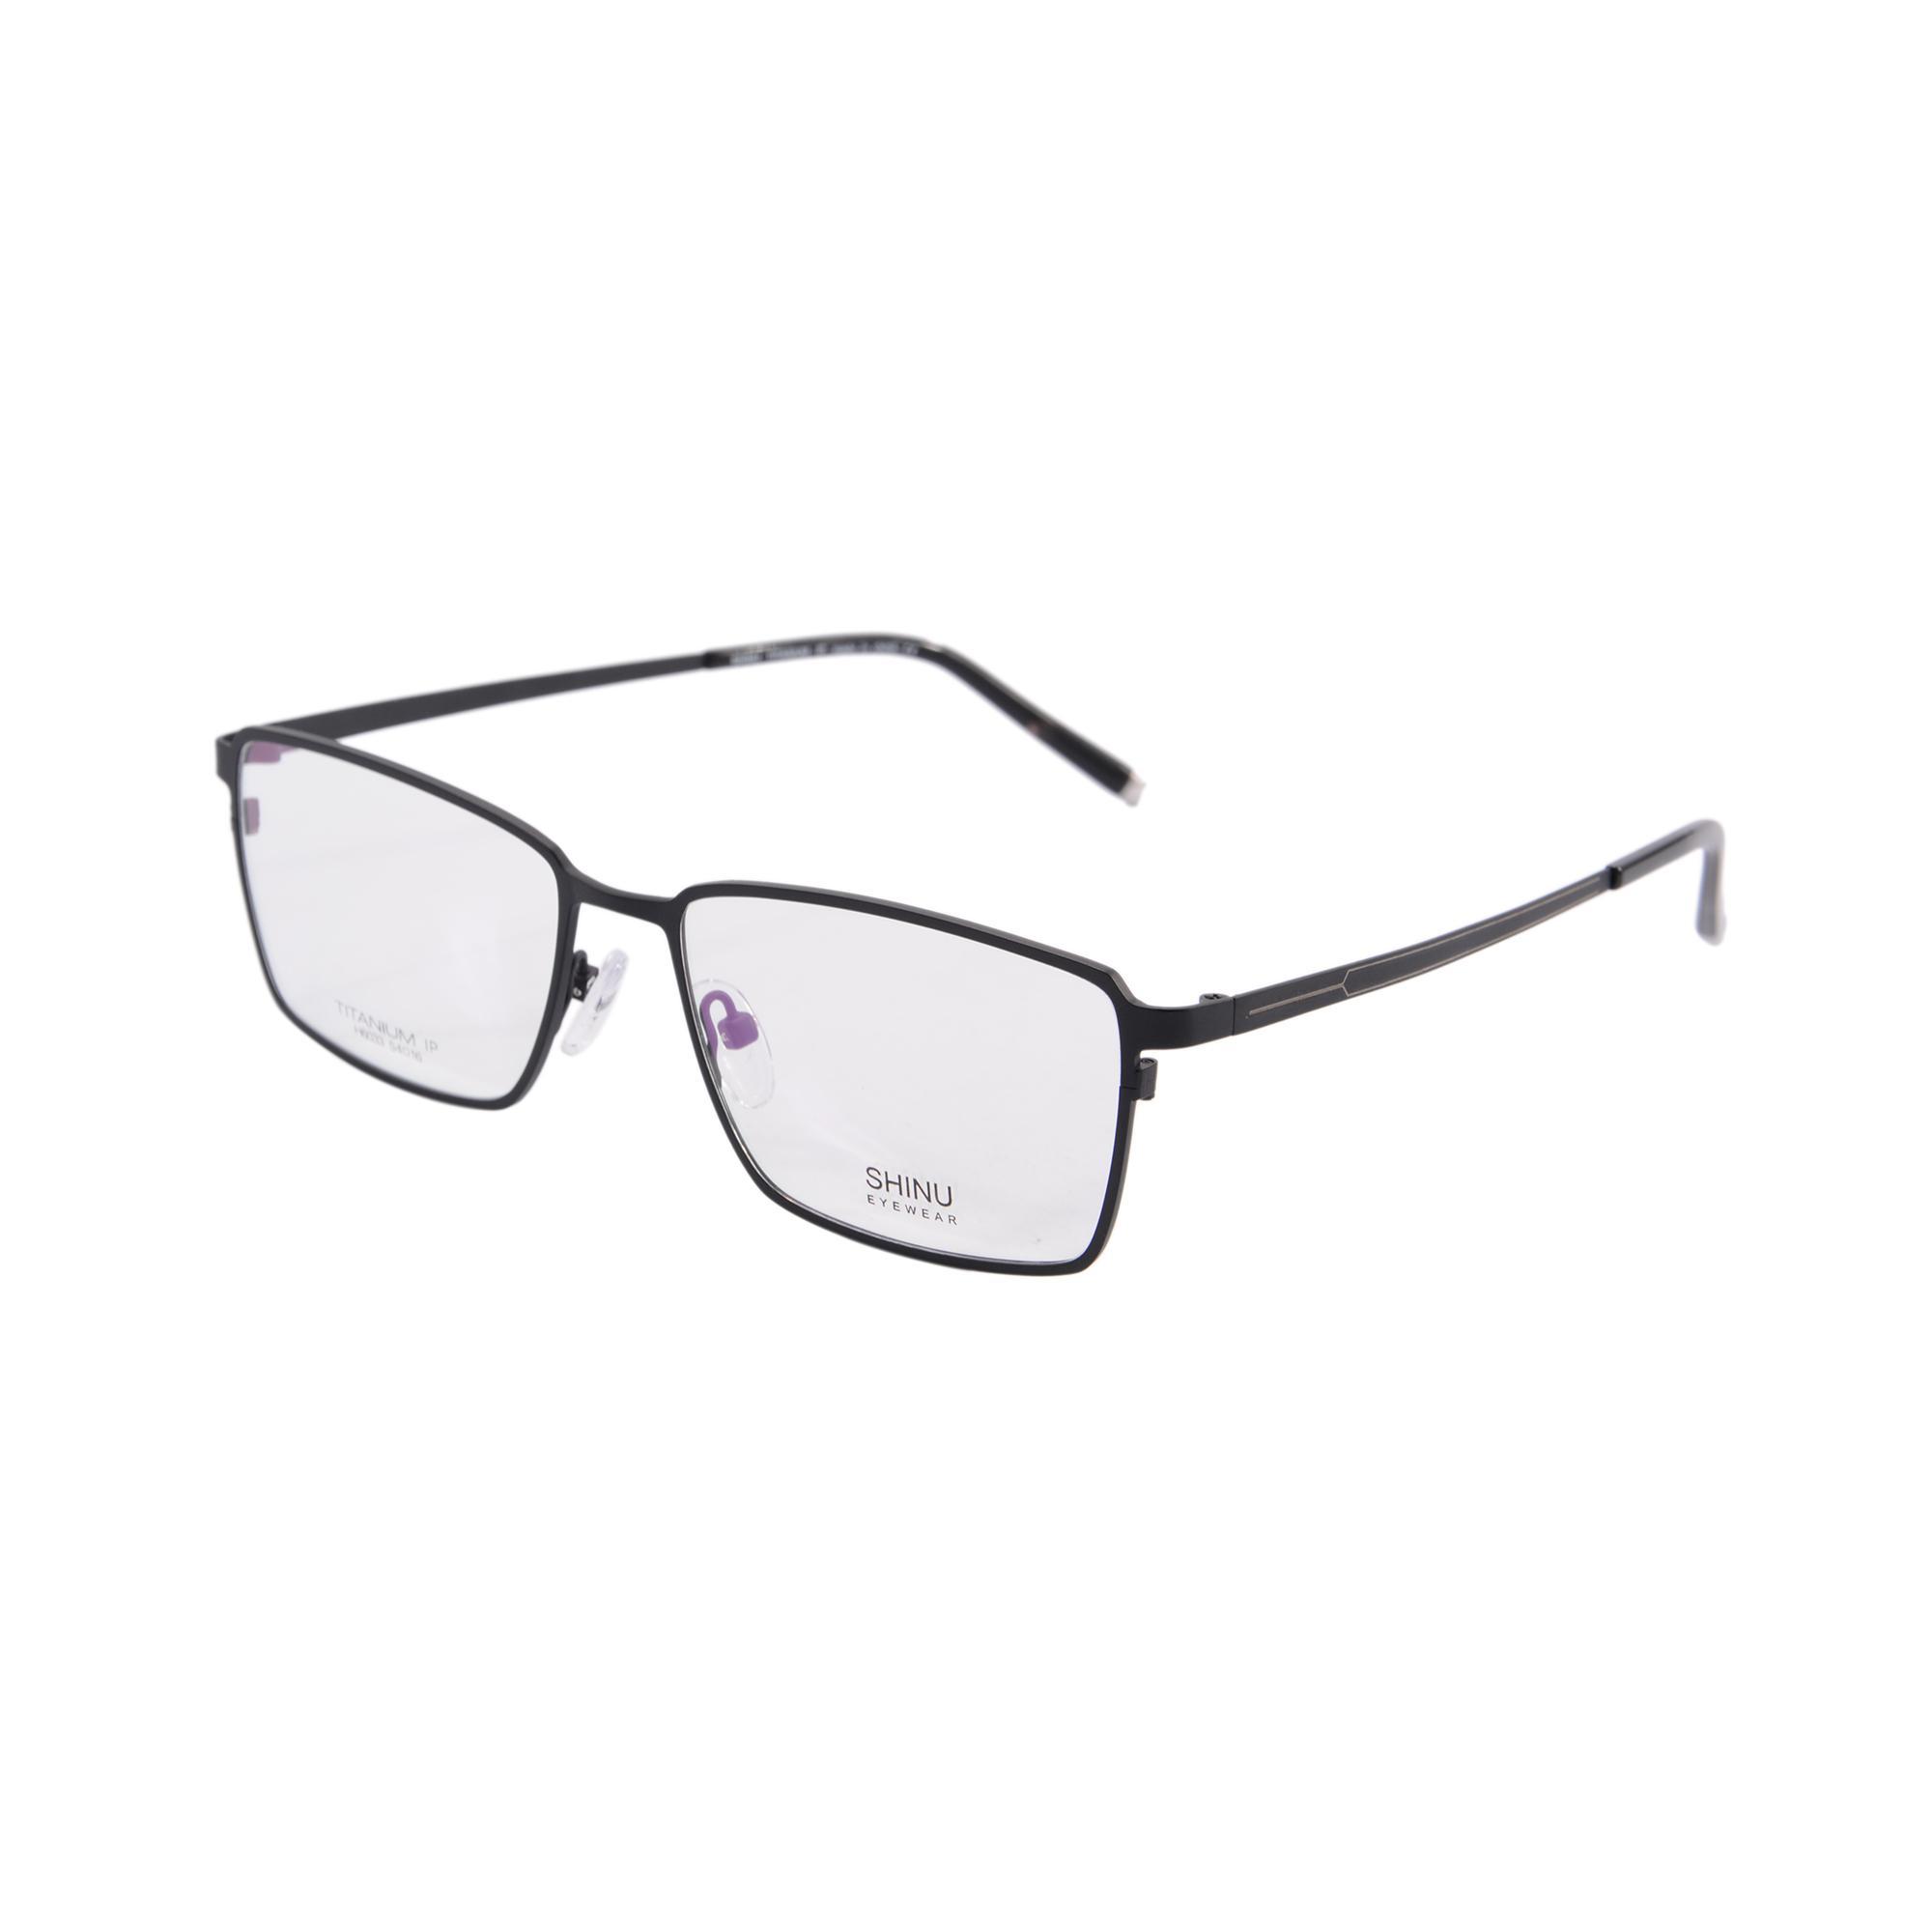 Großhandel Shinu Titanium Brillengestell Optisches Rezept Eyeglasse ...